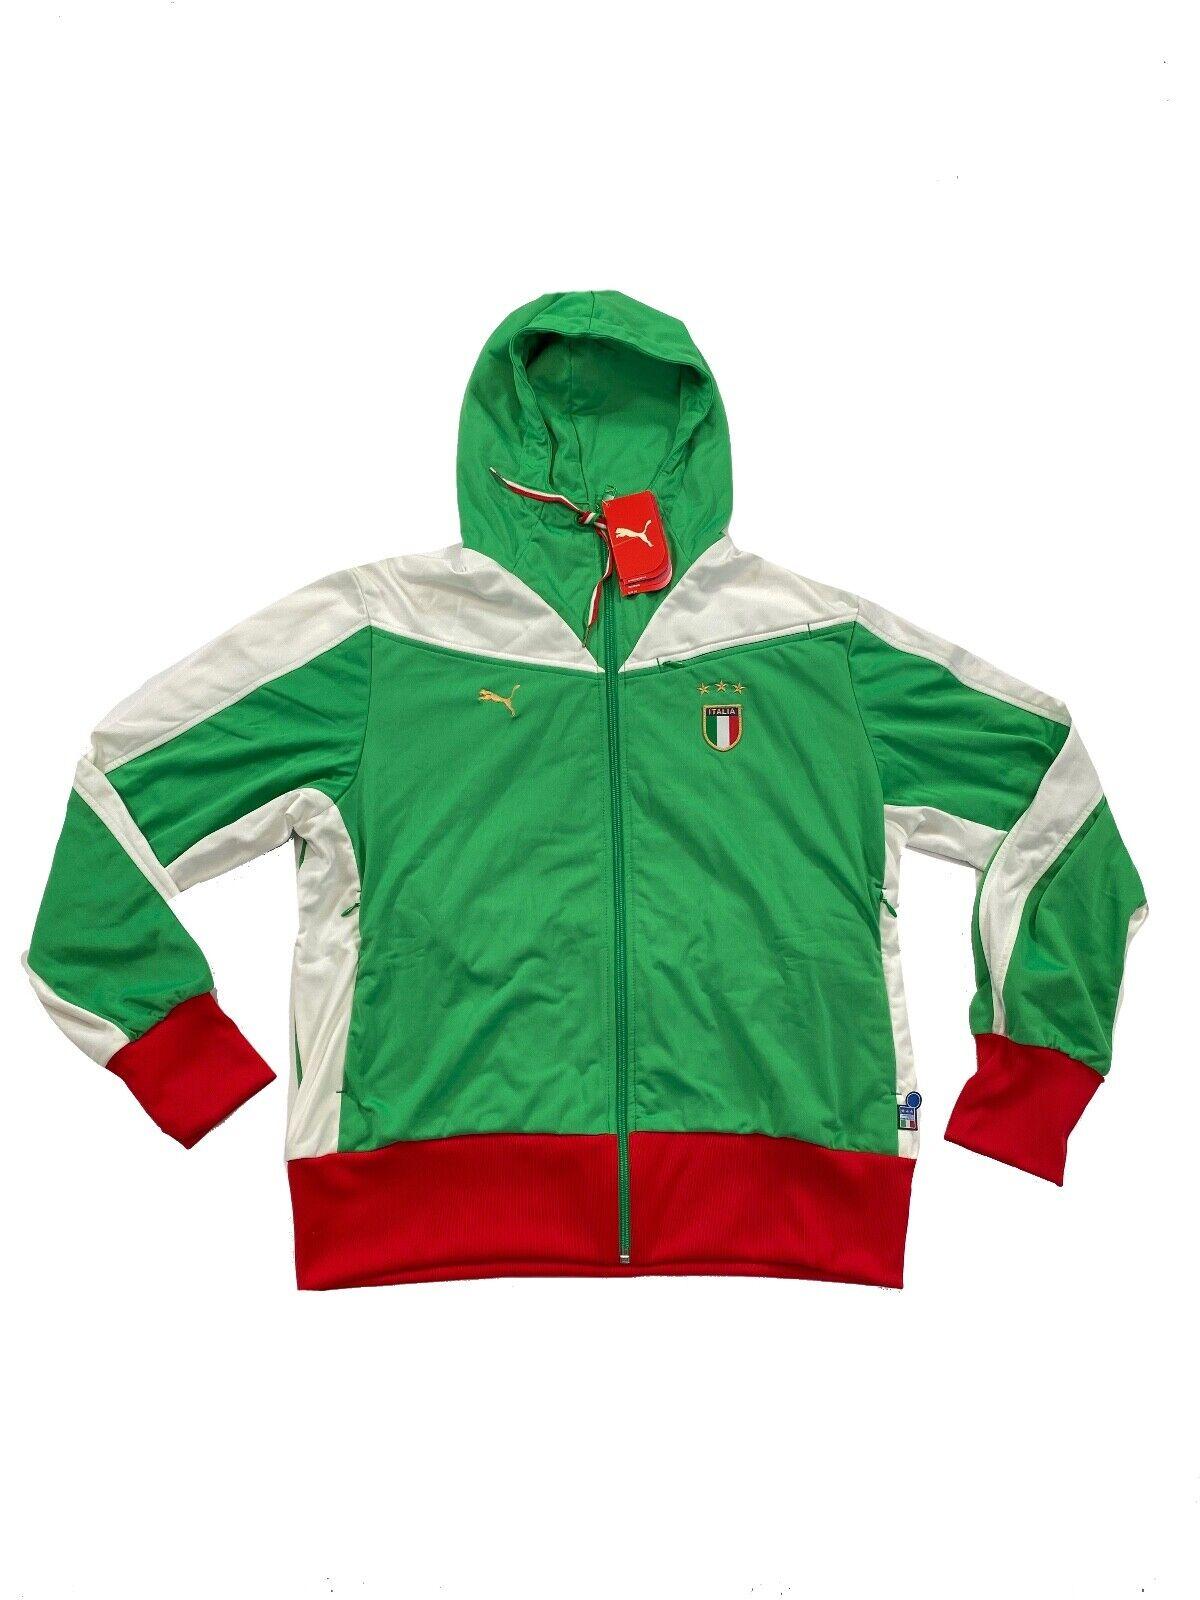 Italy / Italia Jacket Retro Football Puma Tracksuit Zipped J